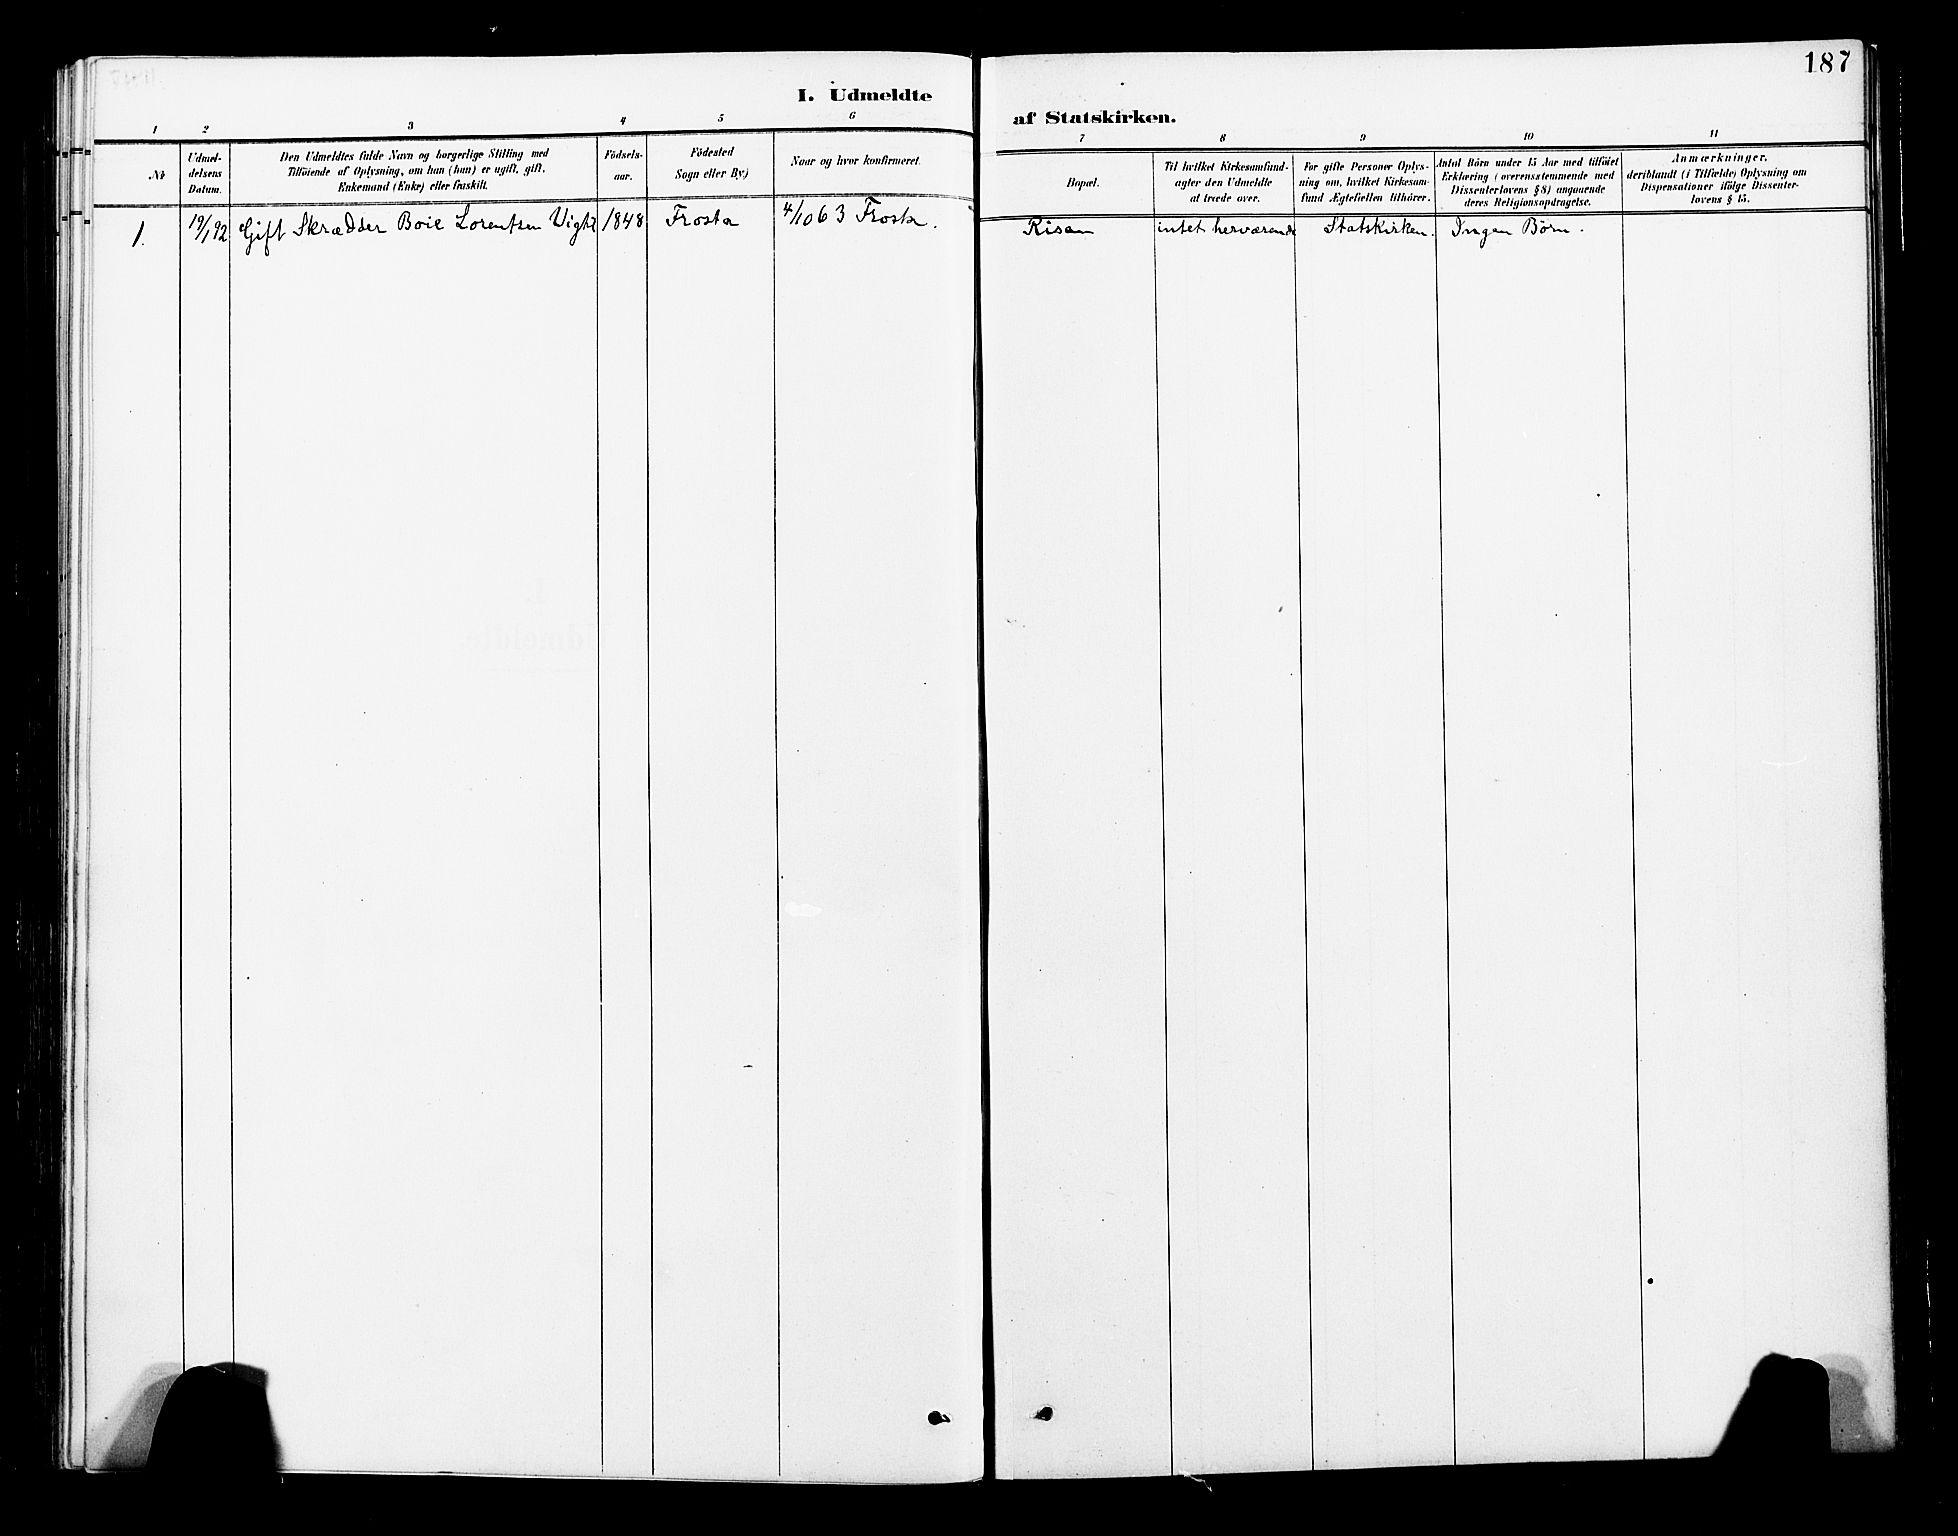 SAT, Ministerialprotokoller, klokkerbøker og fødselsregistre - Nord-Trøndelag, 713/L0121: Ministerialbok nr. 713A10, 1888-1898, s. 187